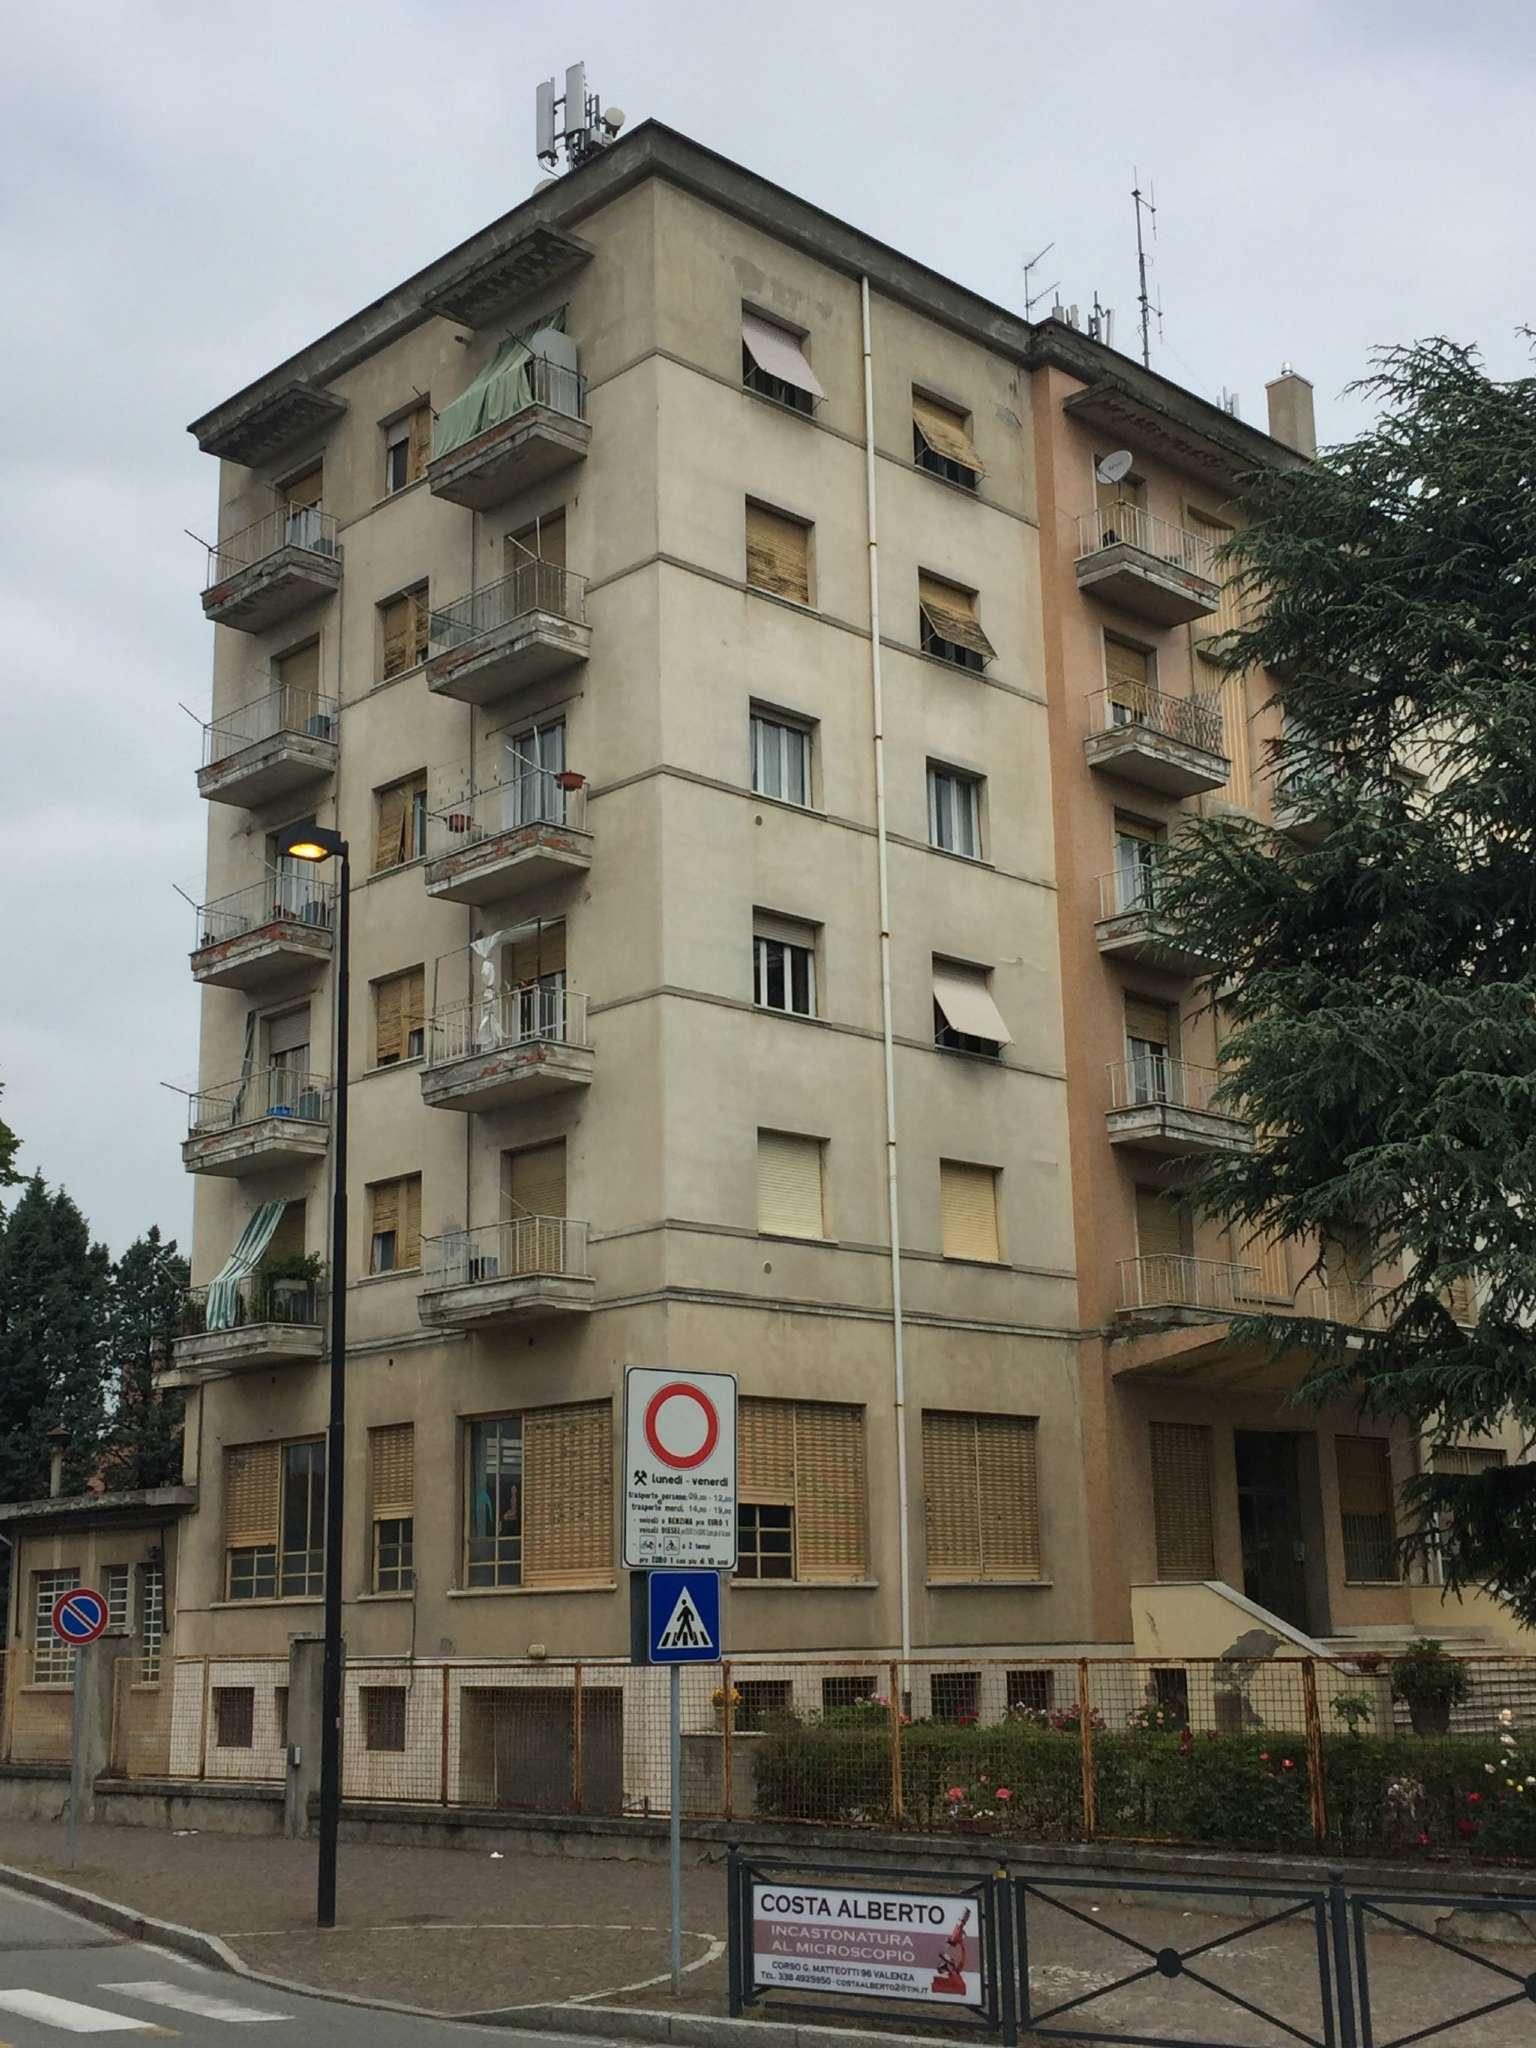 Appartamento in vendita a Valenza, 3 locali, prezzo € 29.000 | CambioCasa.it